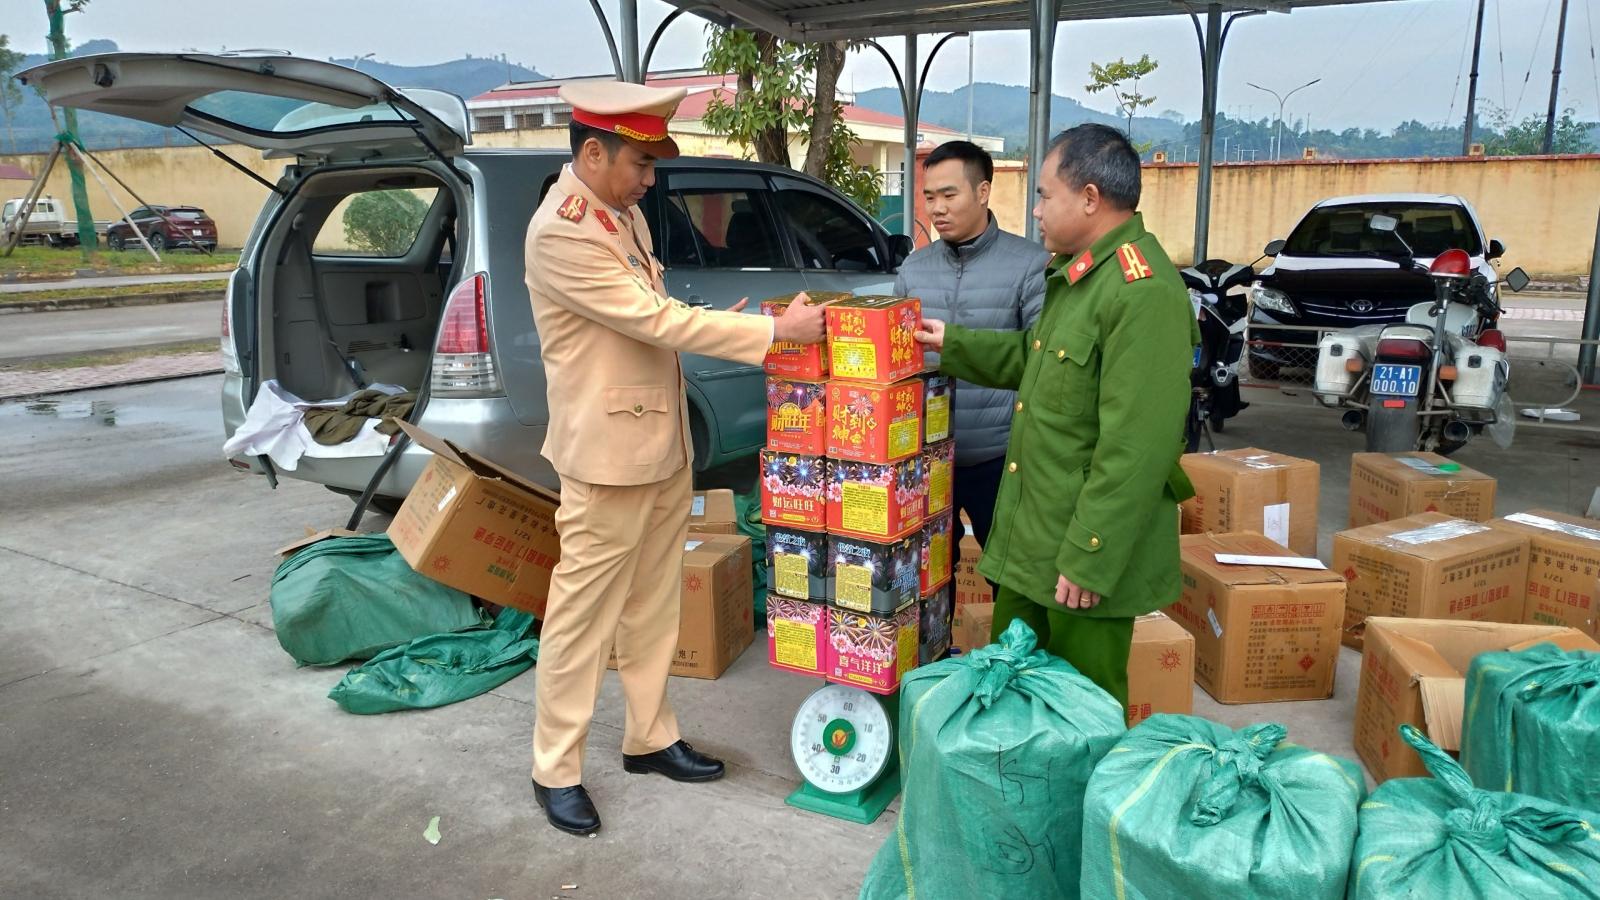 Thu giữ gần 500kg pháo nổ trên cao tốc Lào Cai- Hà Nội